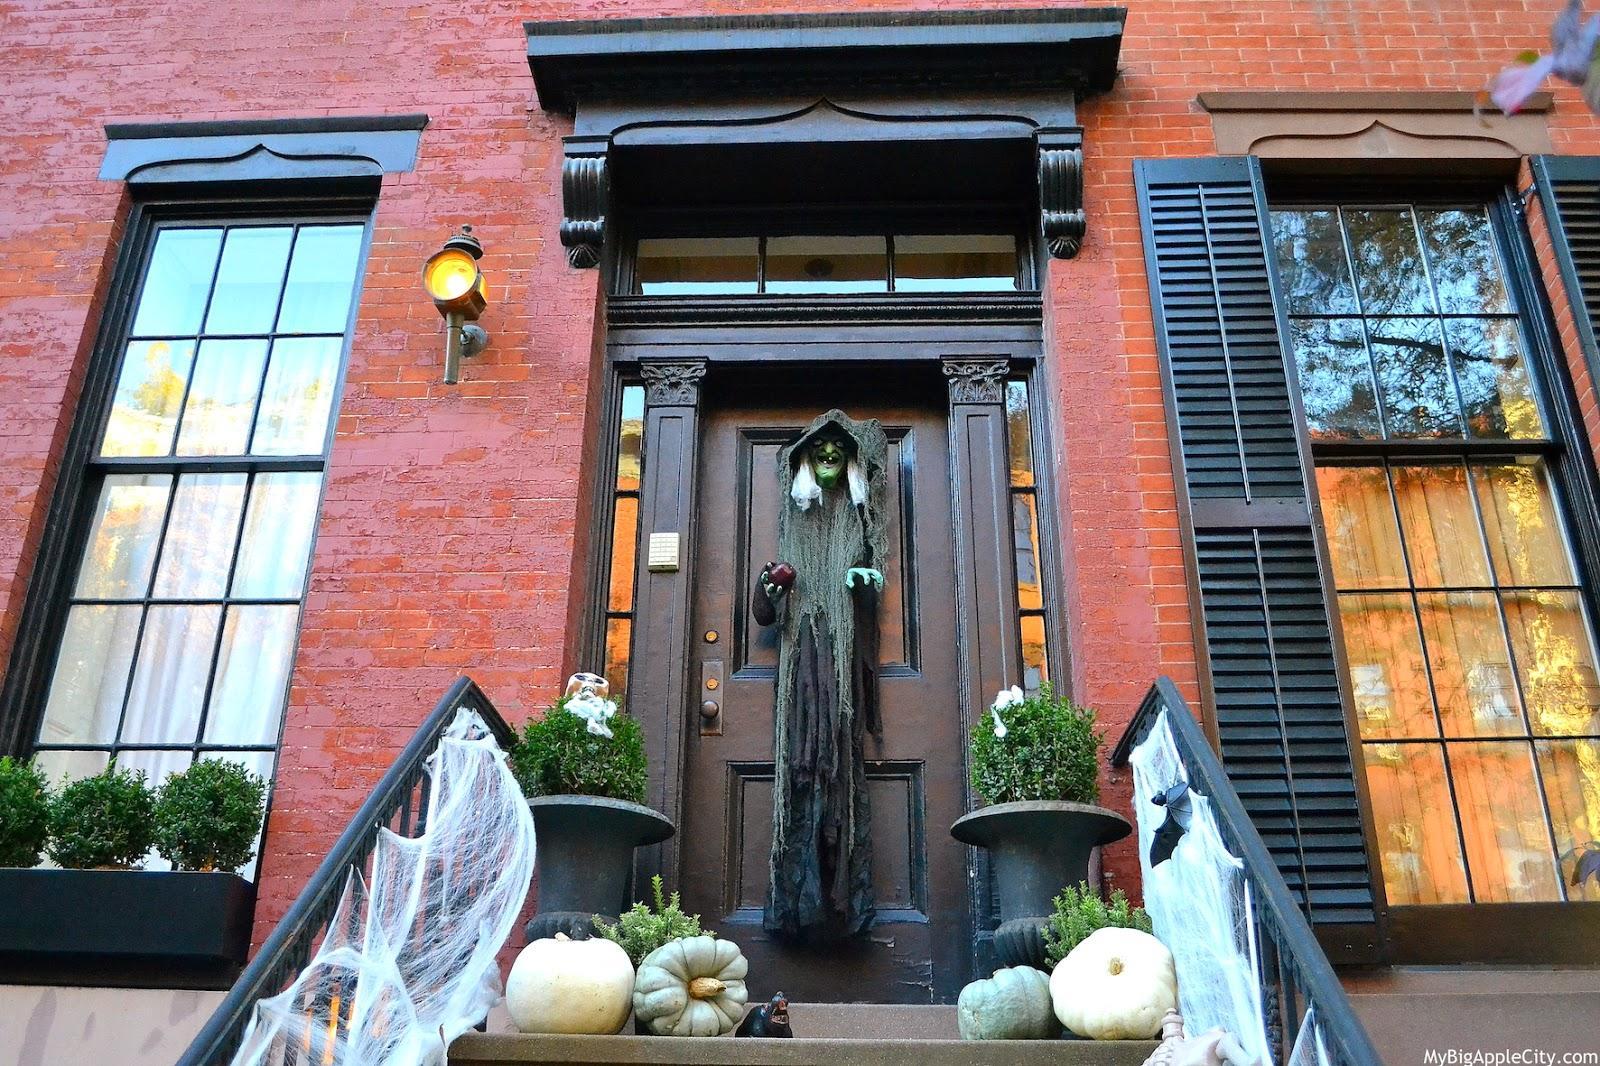 Decoration de maison pour halloween images - Deco halloween maison ...